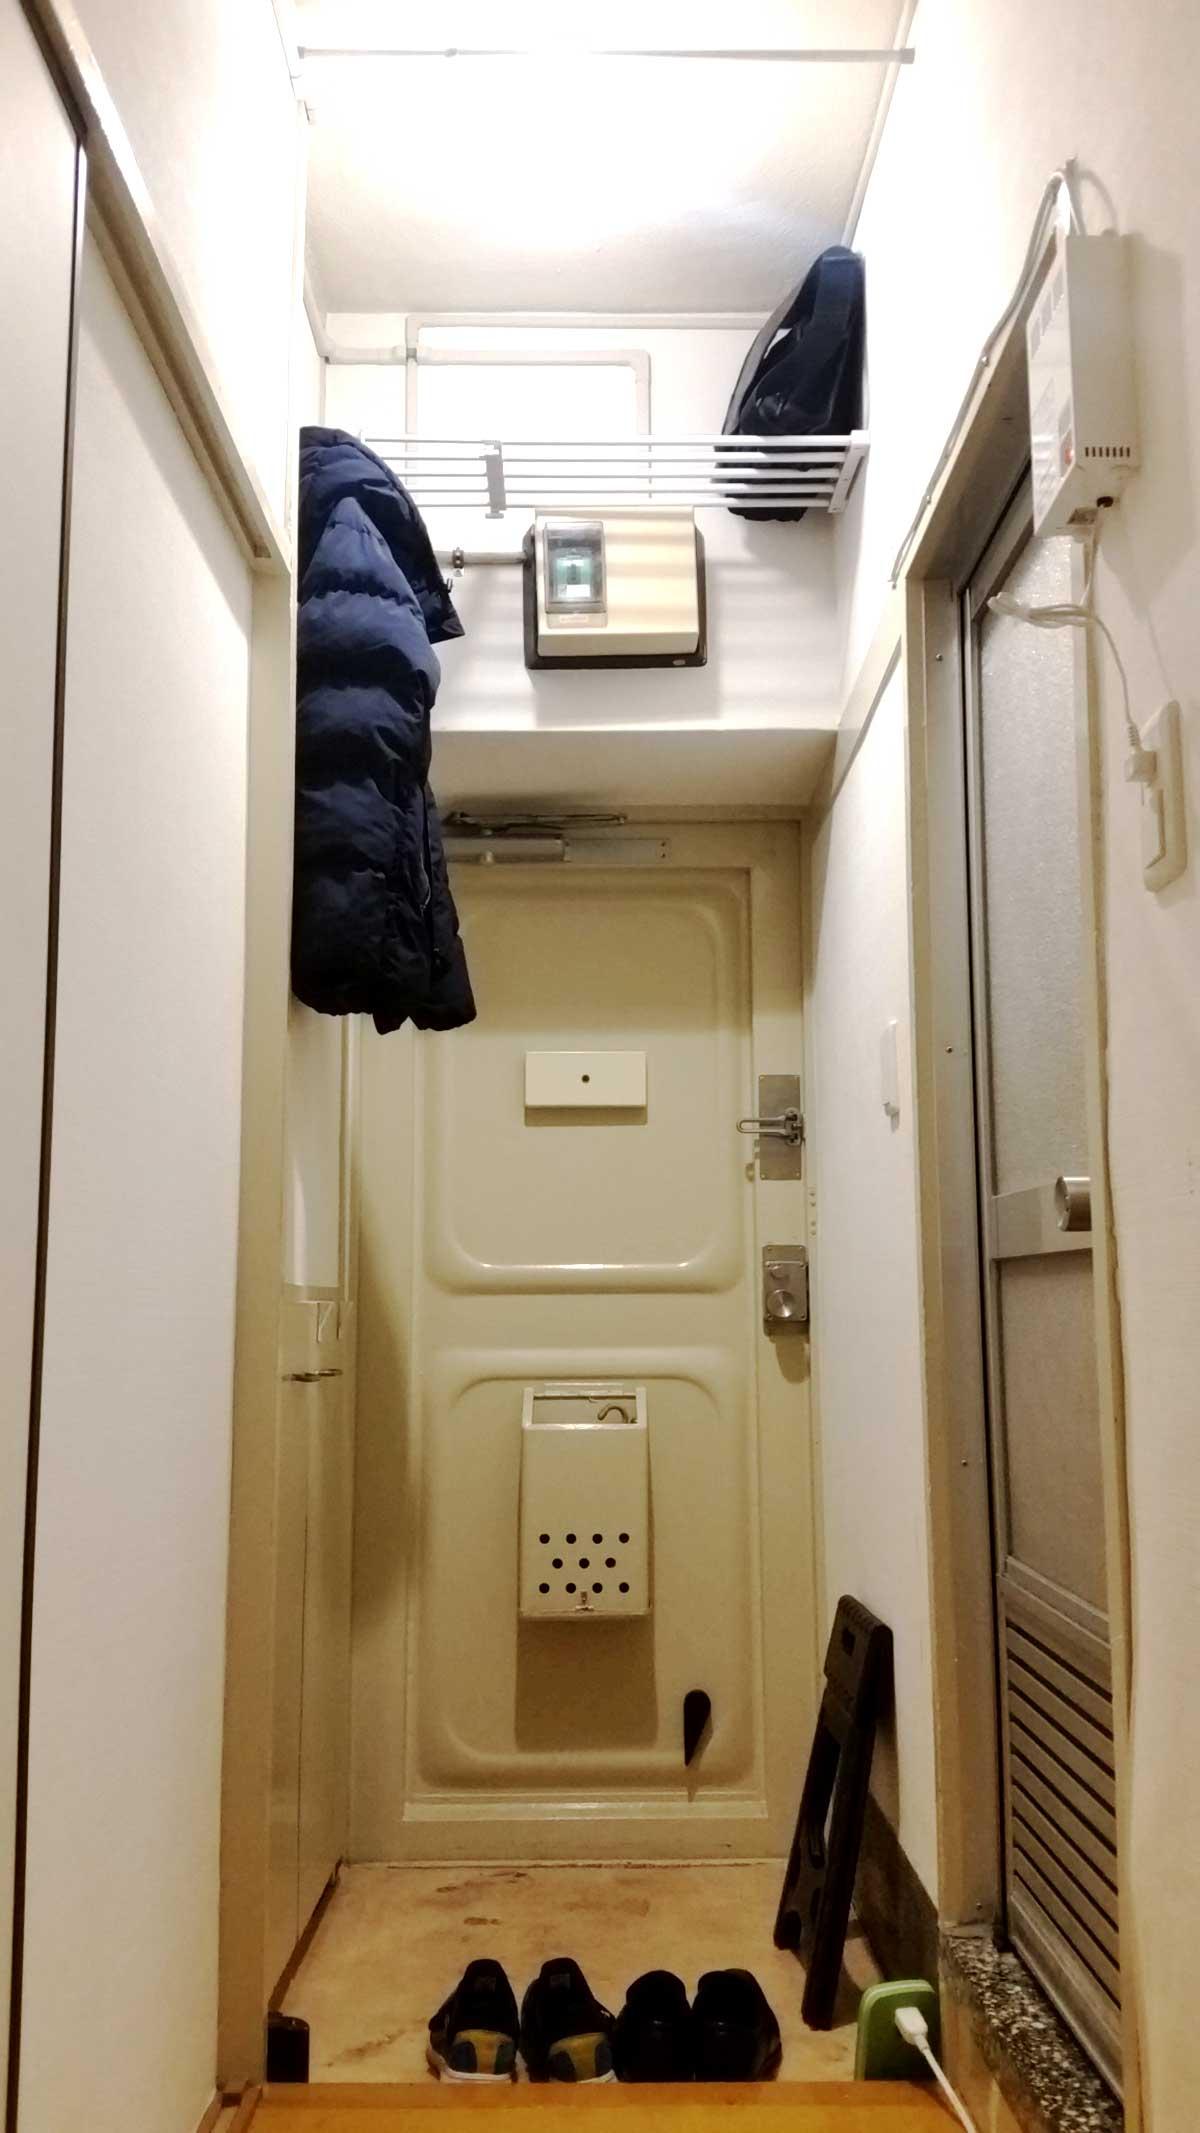 間取り別 最適ウイルス対策除菌室DIY 間口2m未満の小さな玄関